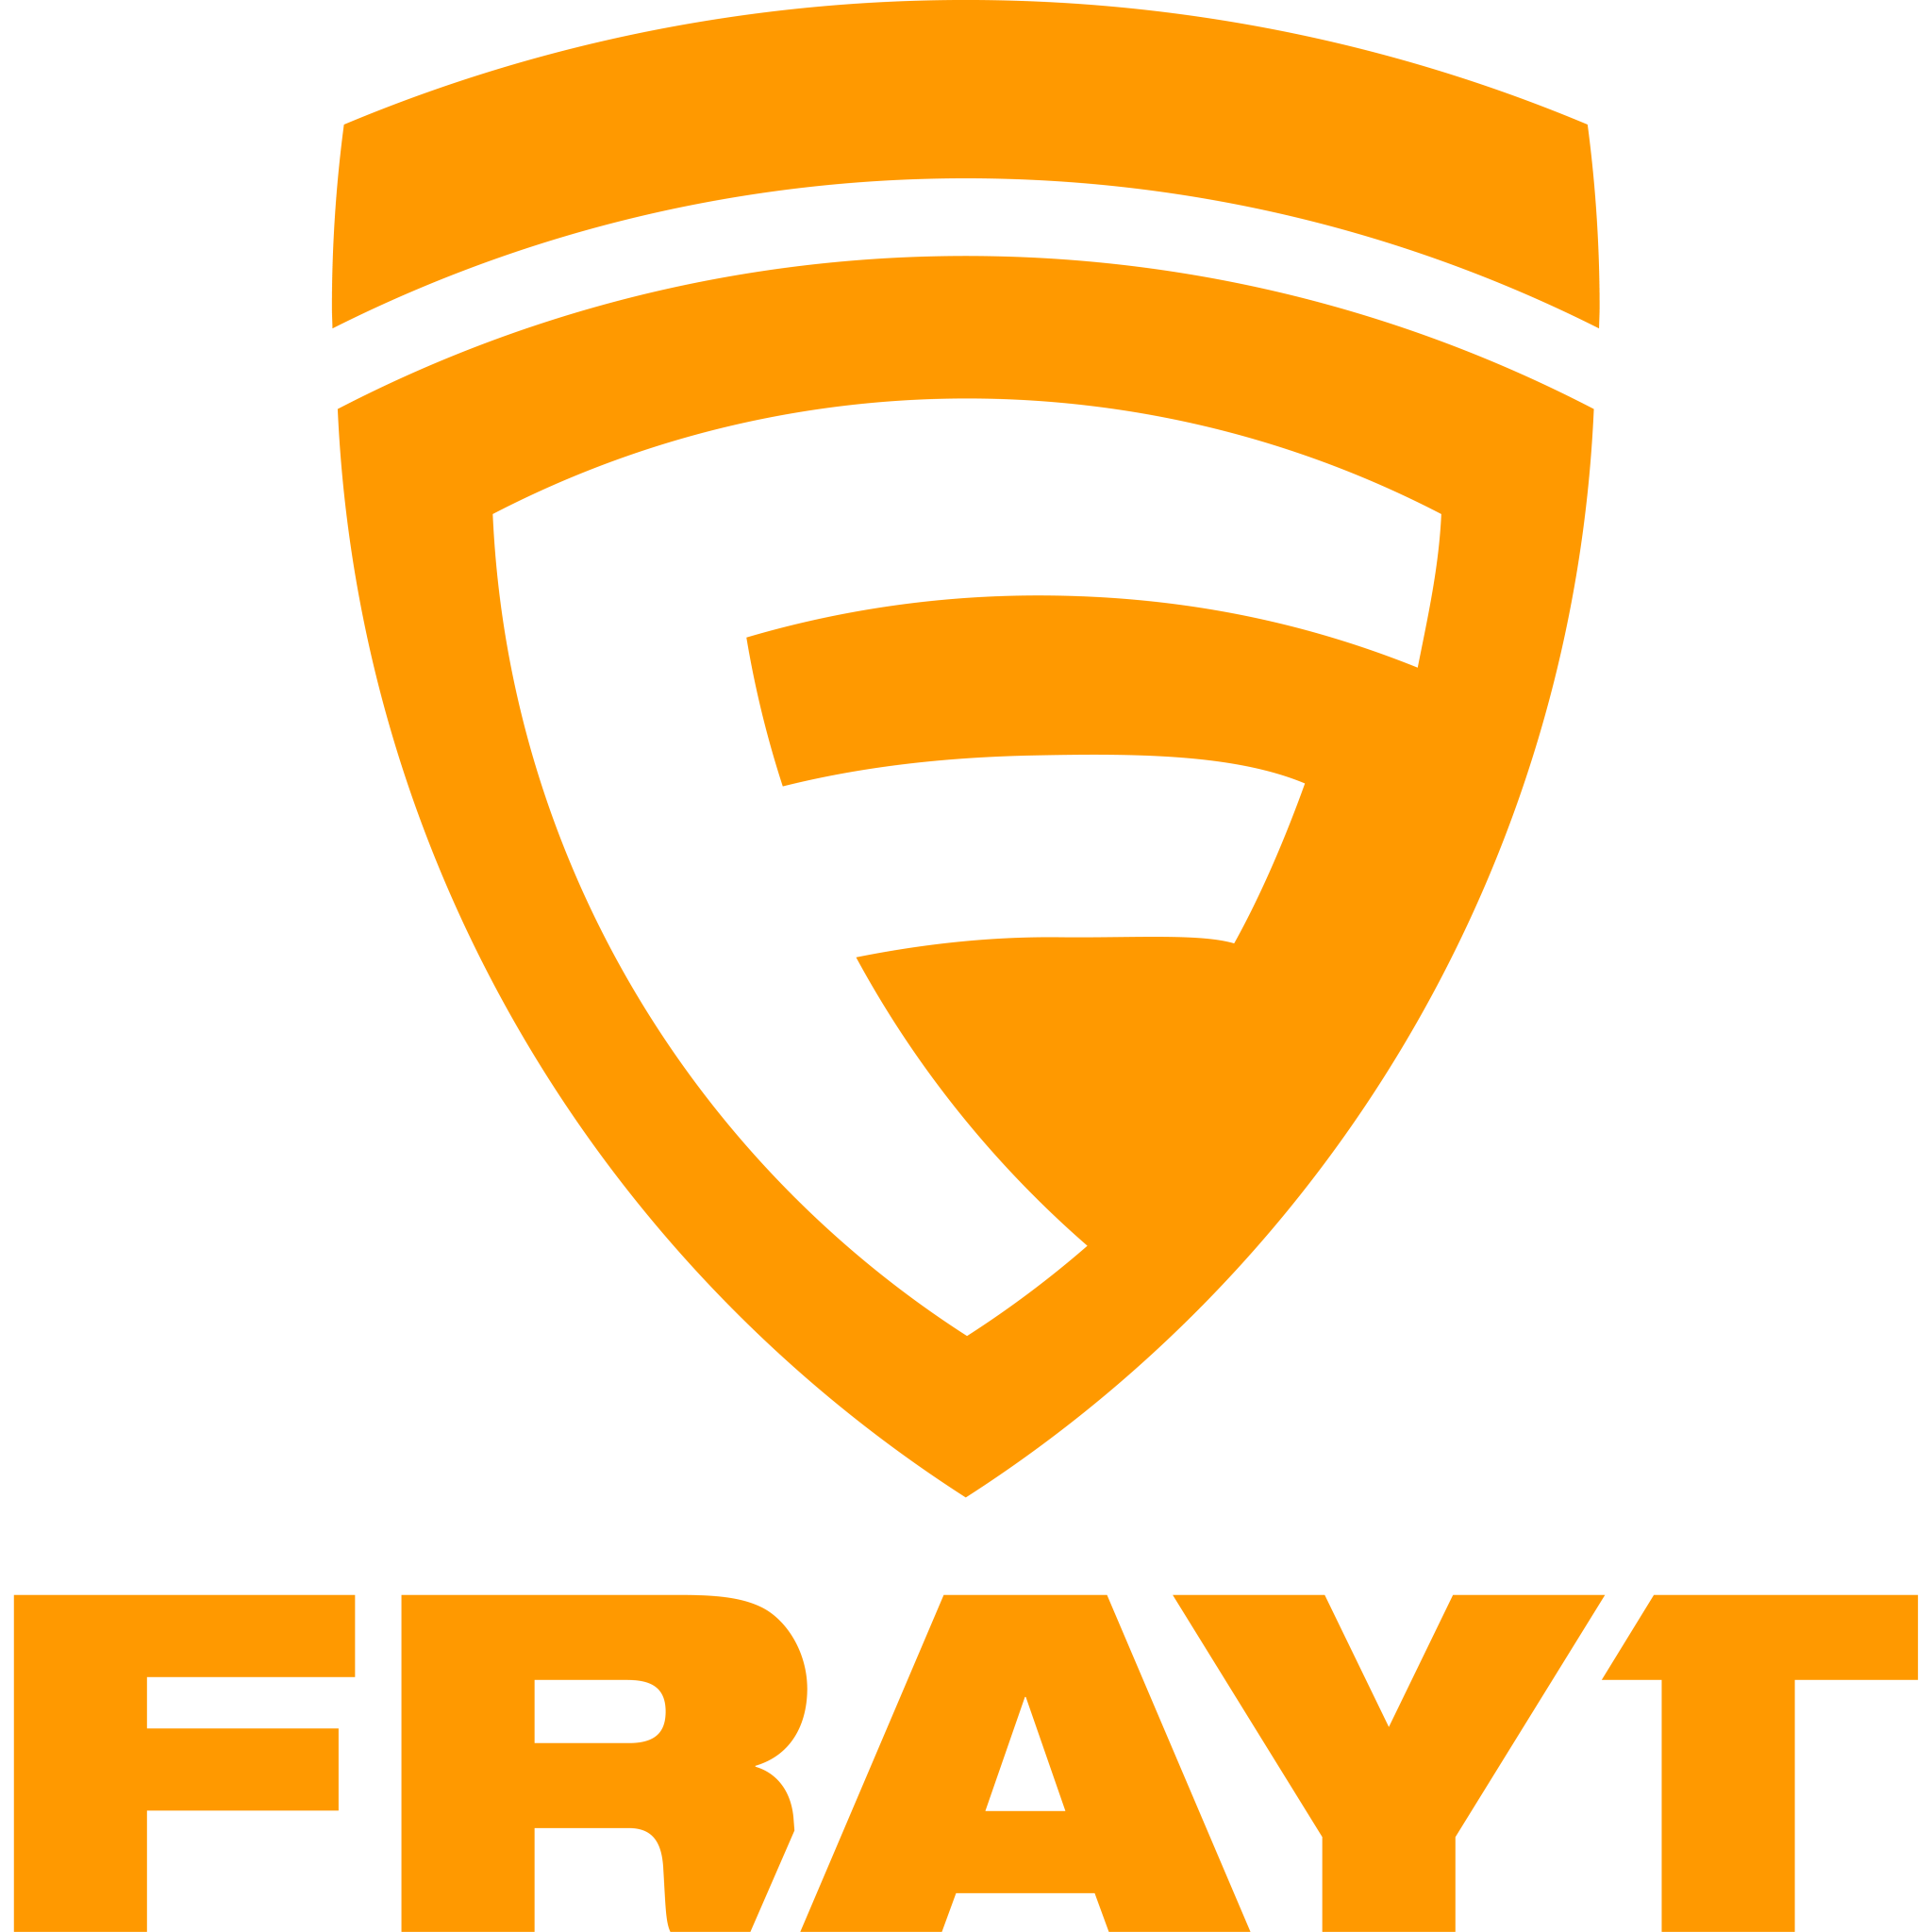 Frayt Logo